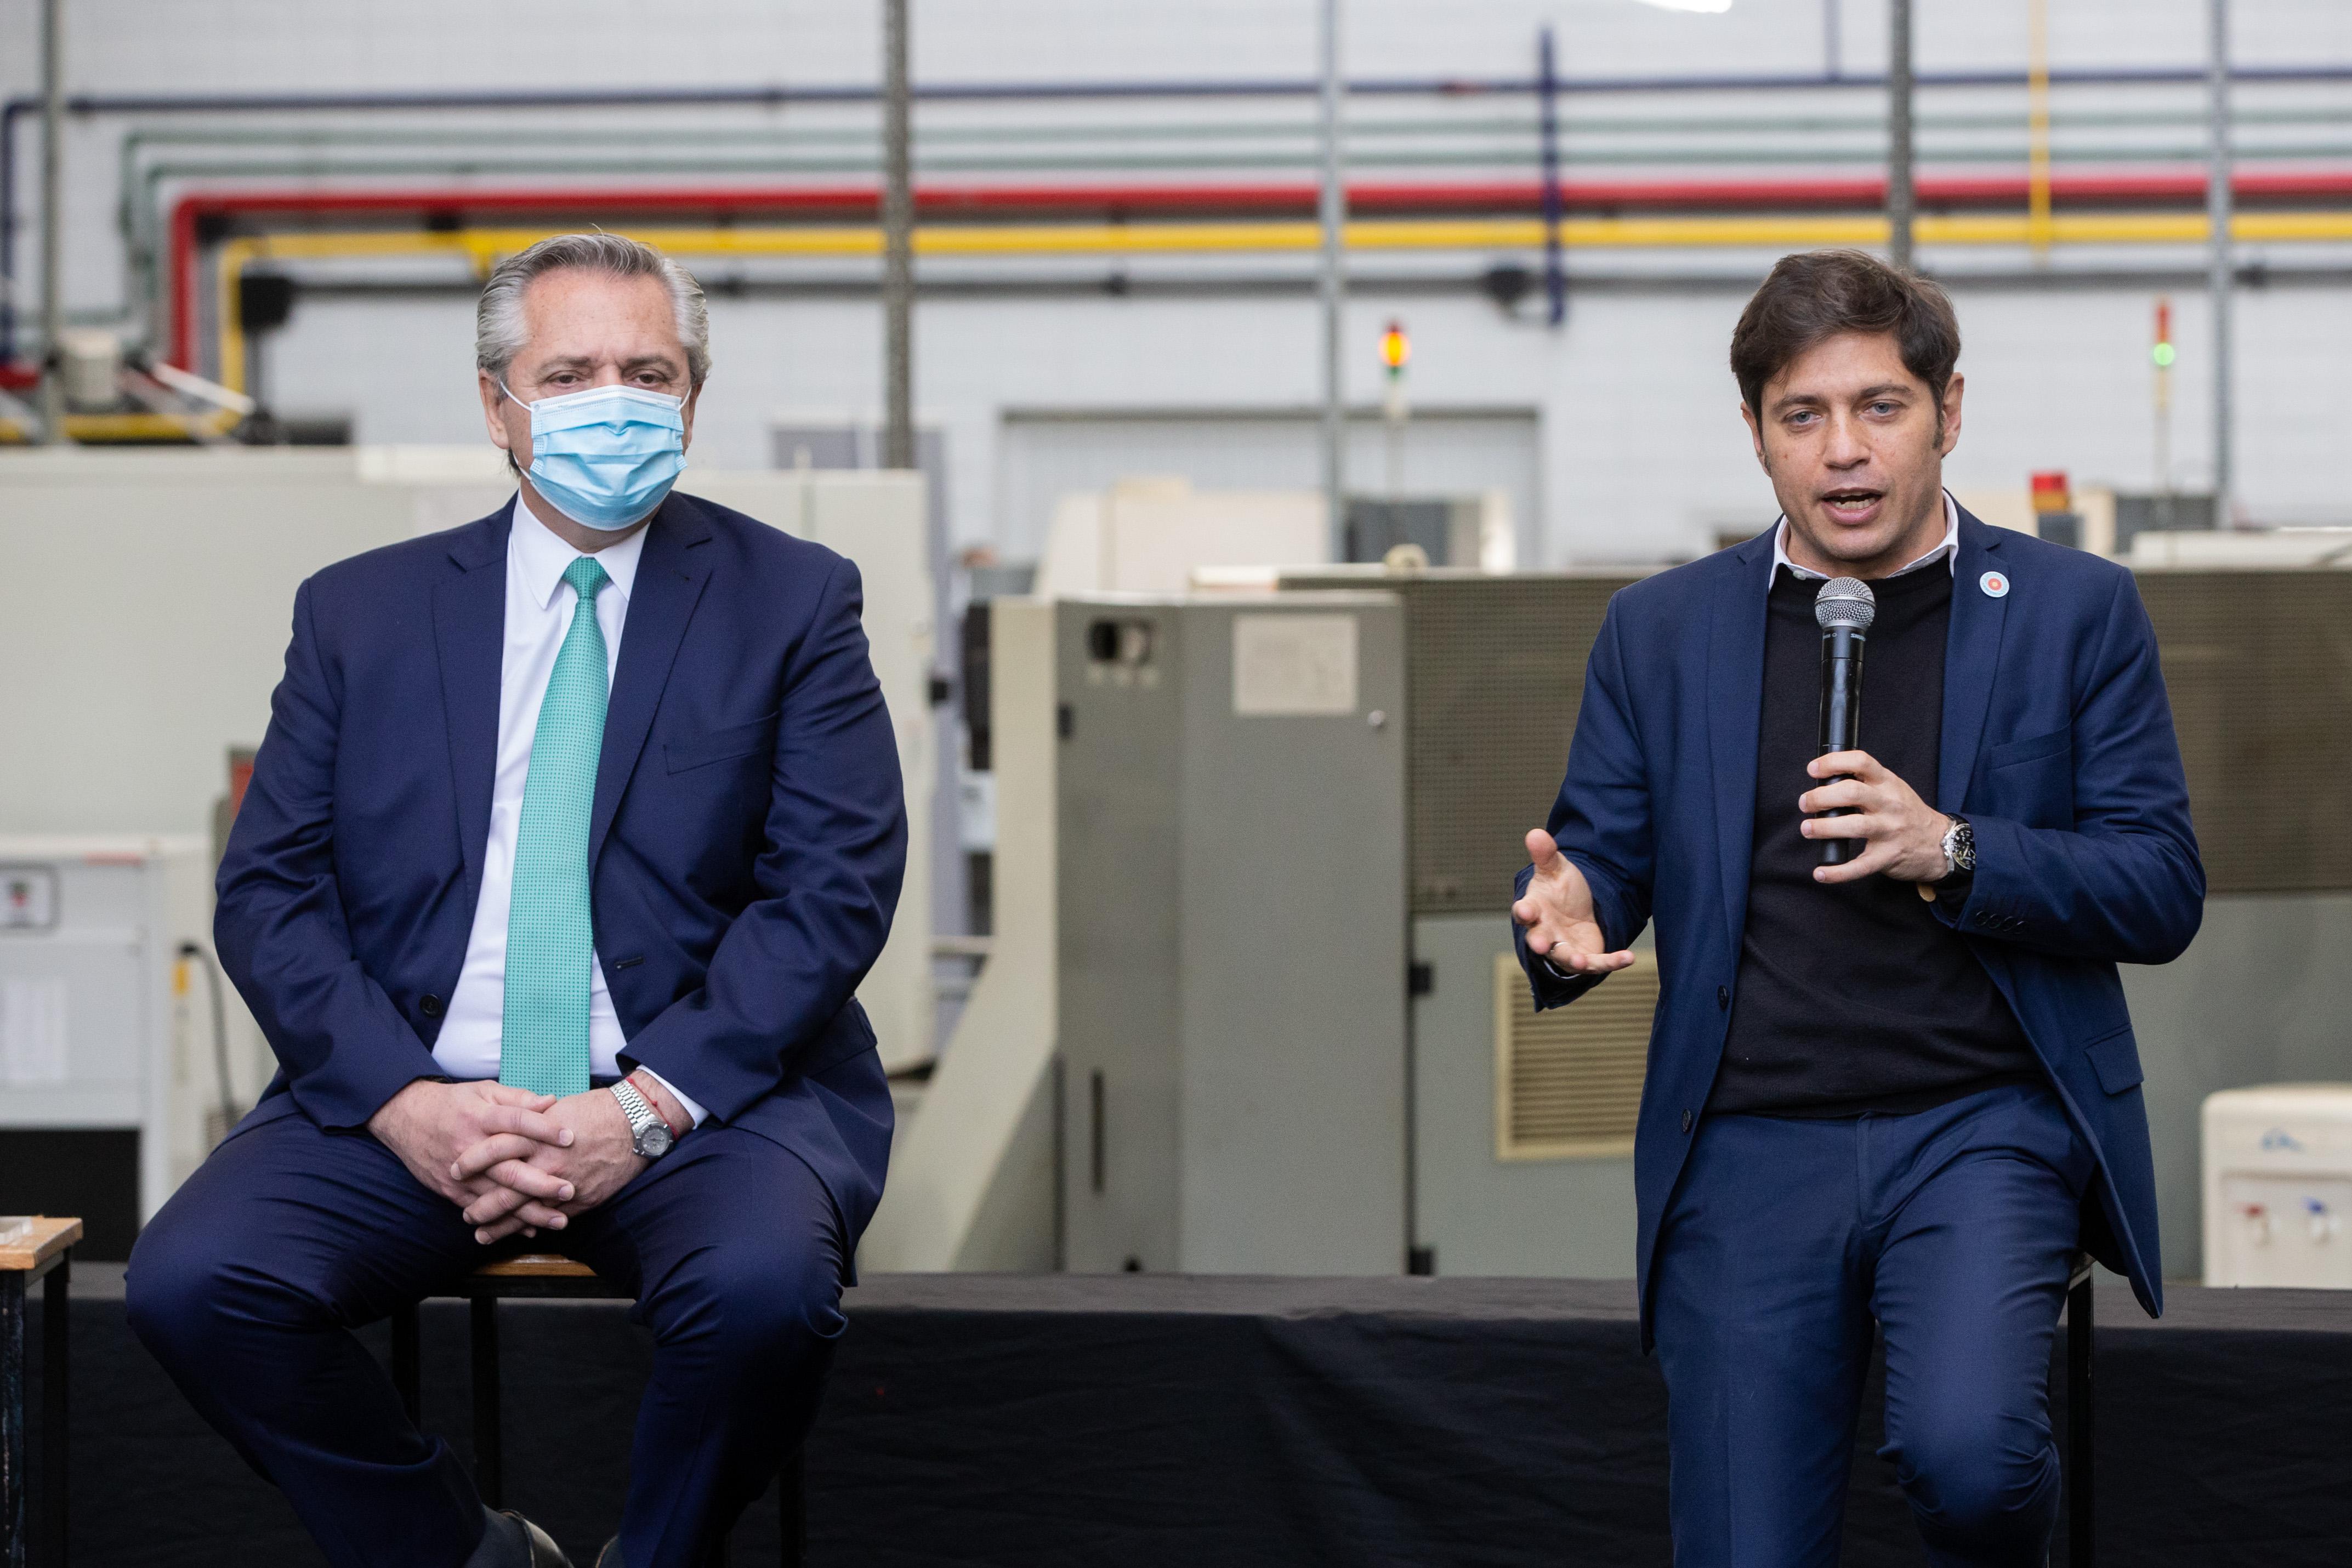 Alberto Fernández estuvo acompañado por Kicillof en el lanzamiento del programa, en la planta de la empresa de griferías Hidromet. (Télam)